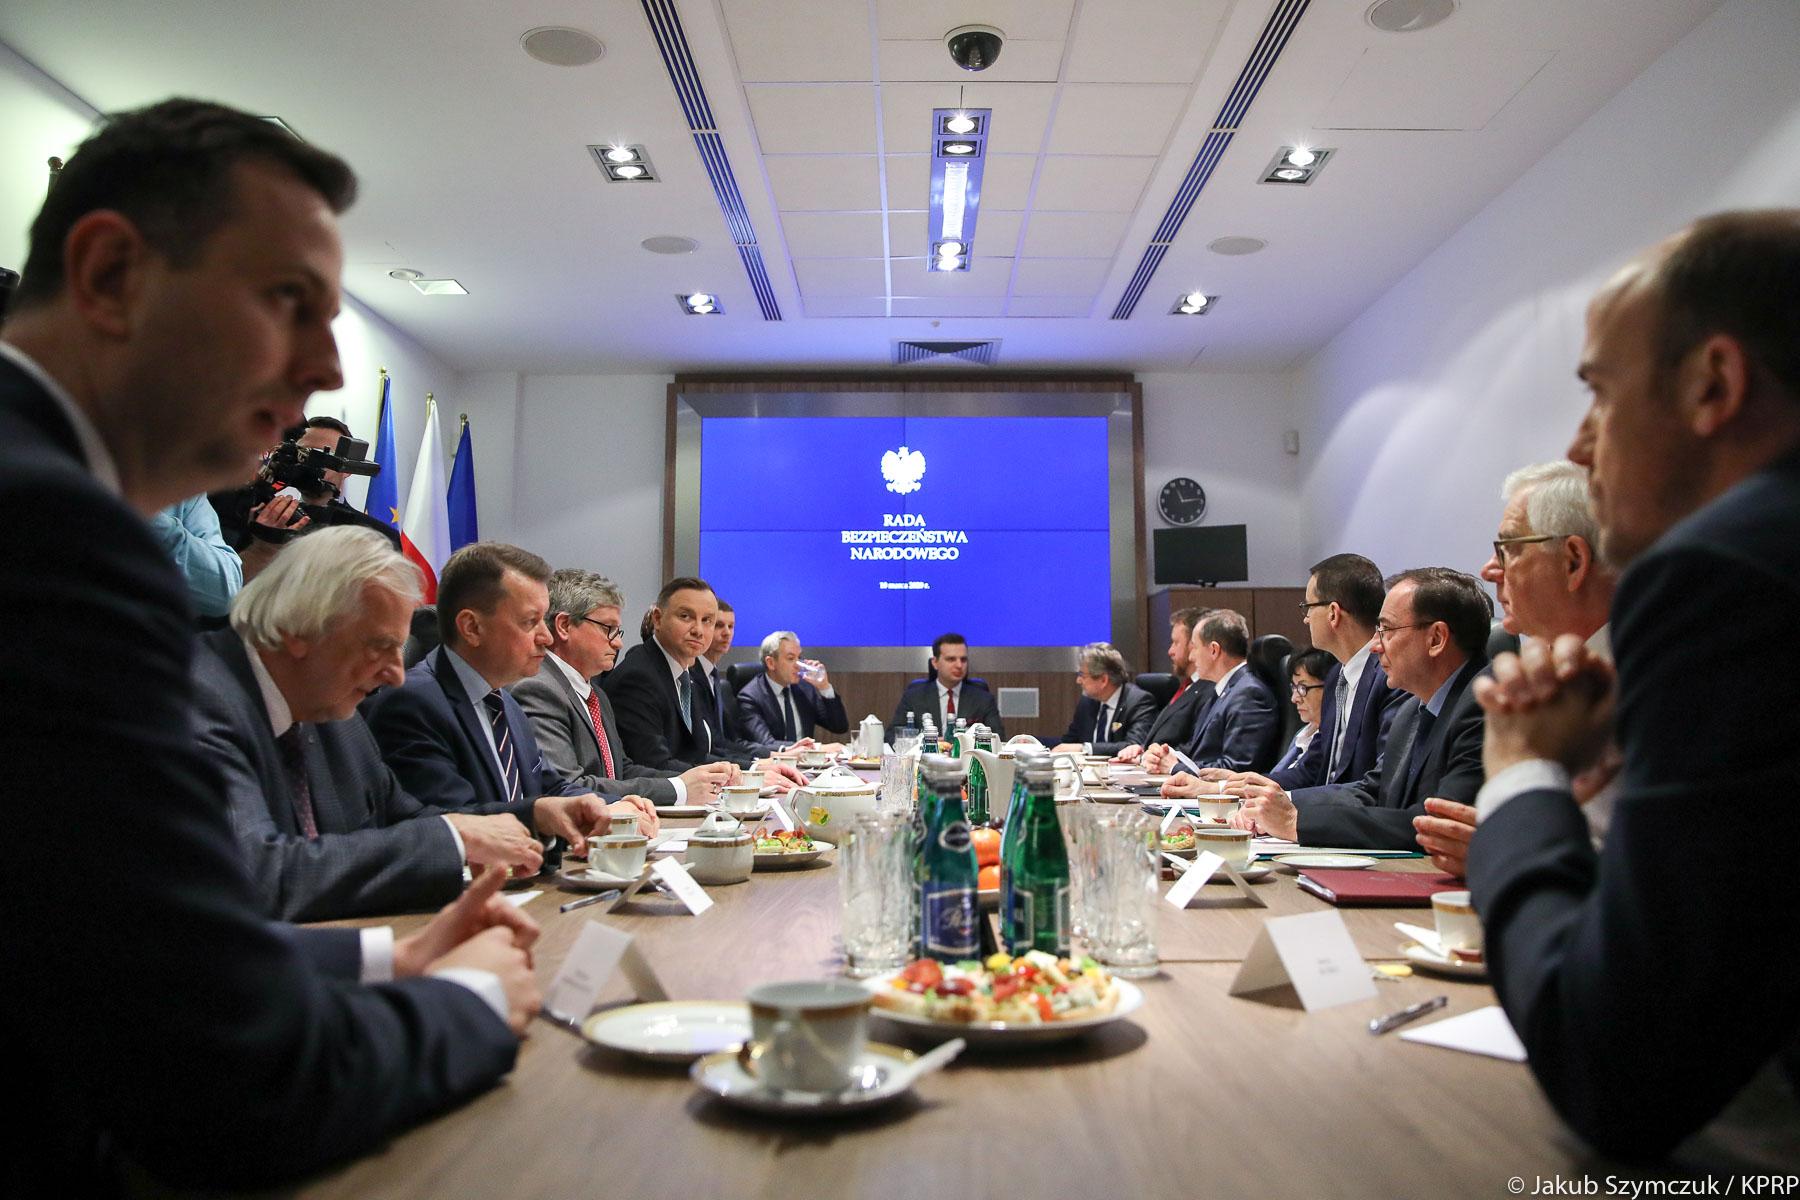 Działania w sprawie koronawirusa w Polsce omawiała Rada Bezpieczeństwa Narodowego